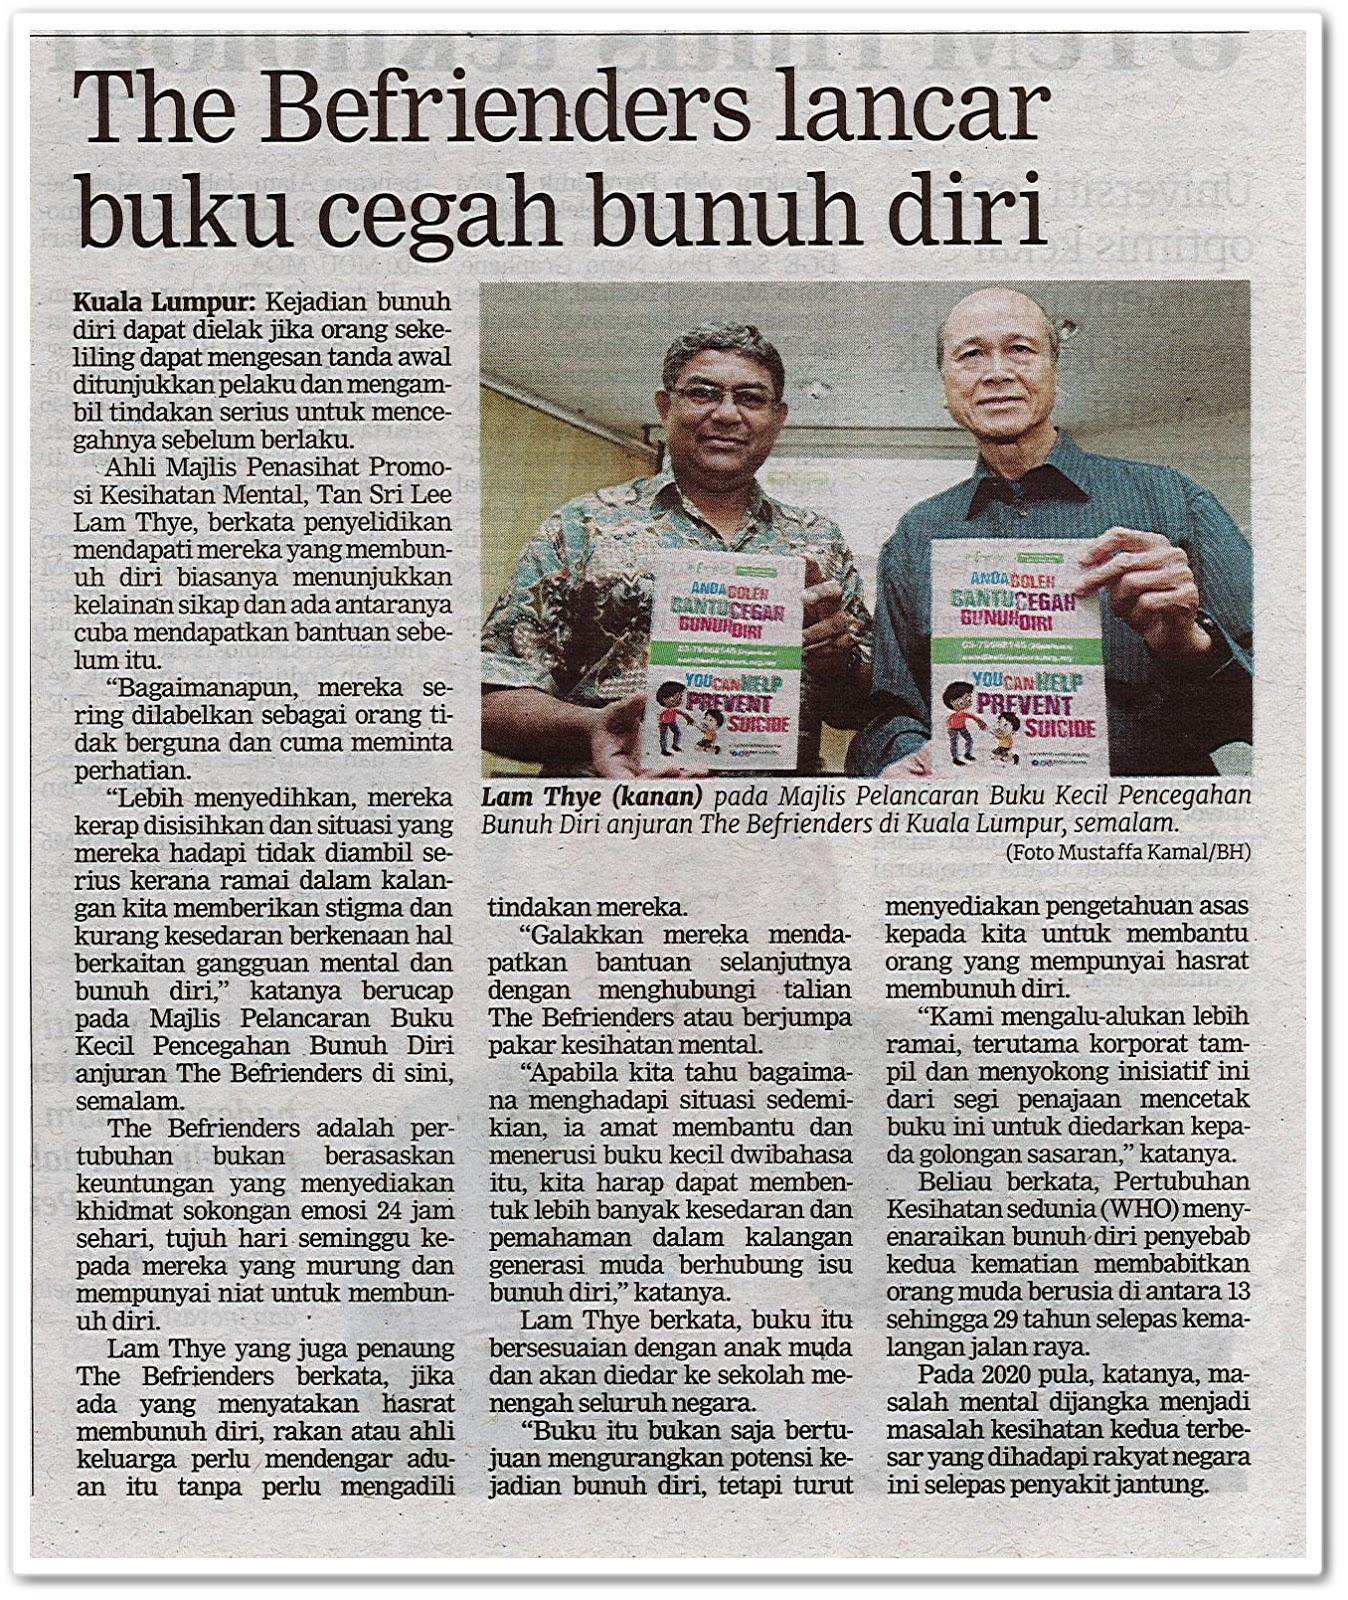 The Befrienders lancar buku cegah bunuh diri - Keratan akhbar Berita Harian 24 November 2019